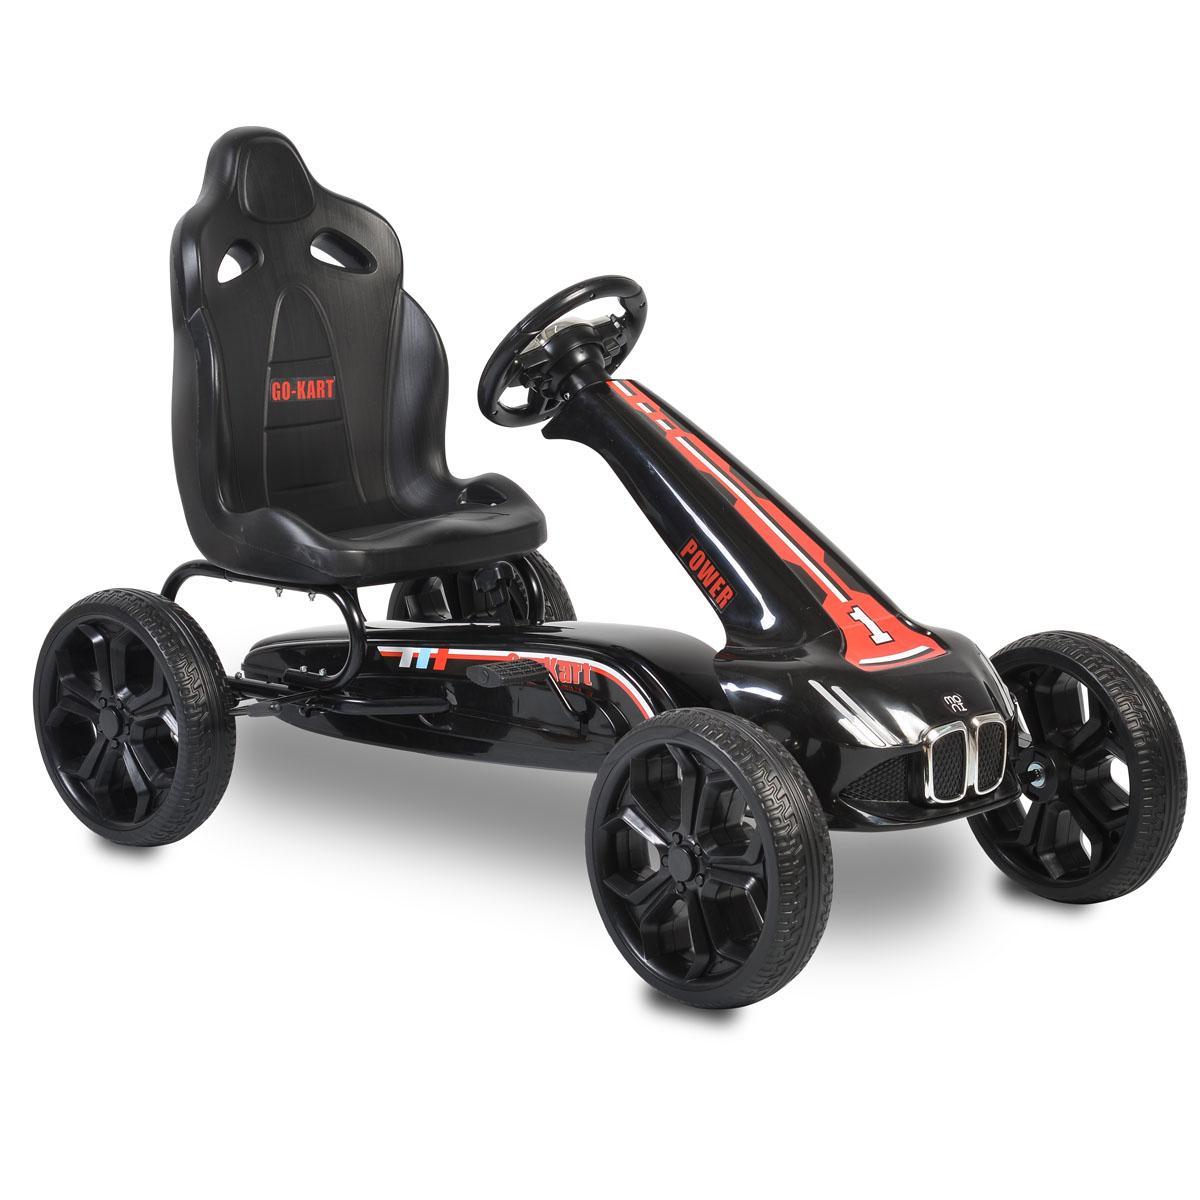 Cangaroo Αυτοκινητάκι με πετάλια Go Cart– Monte Carlo black